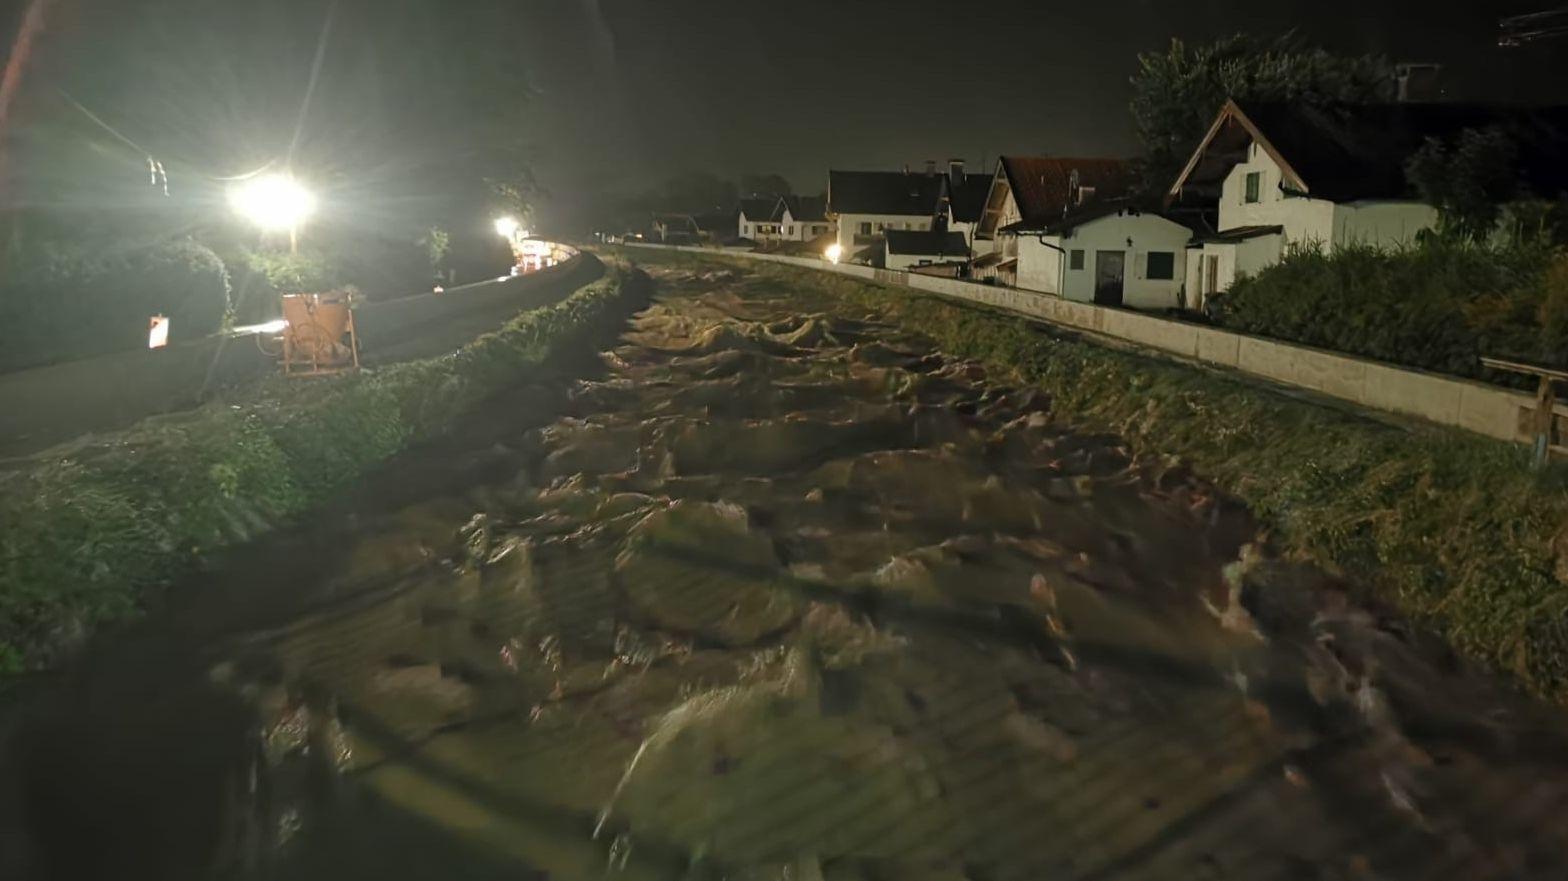 An einer Baustelle für mehr Hochwasserschutz in Rottach-Egern, wäre in der vergangenen Nacht beinah ein Damm gebrochen.